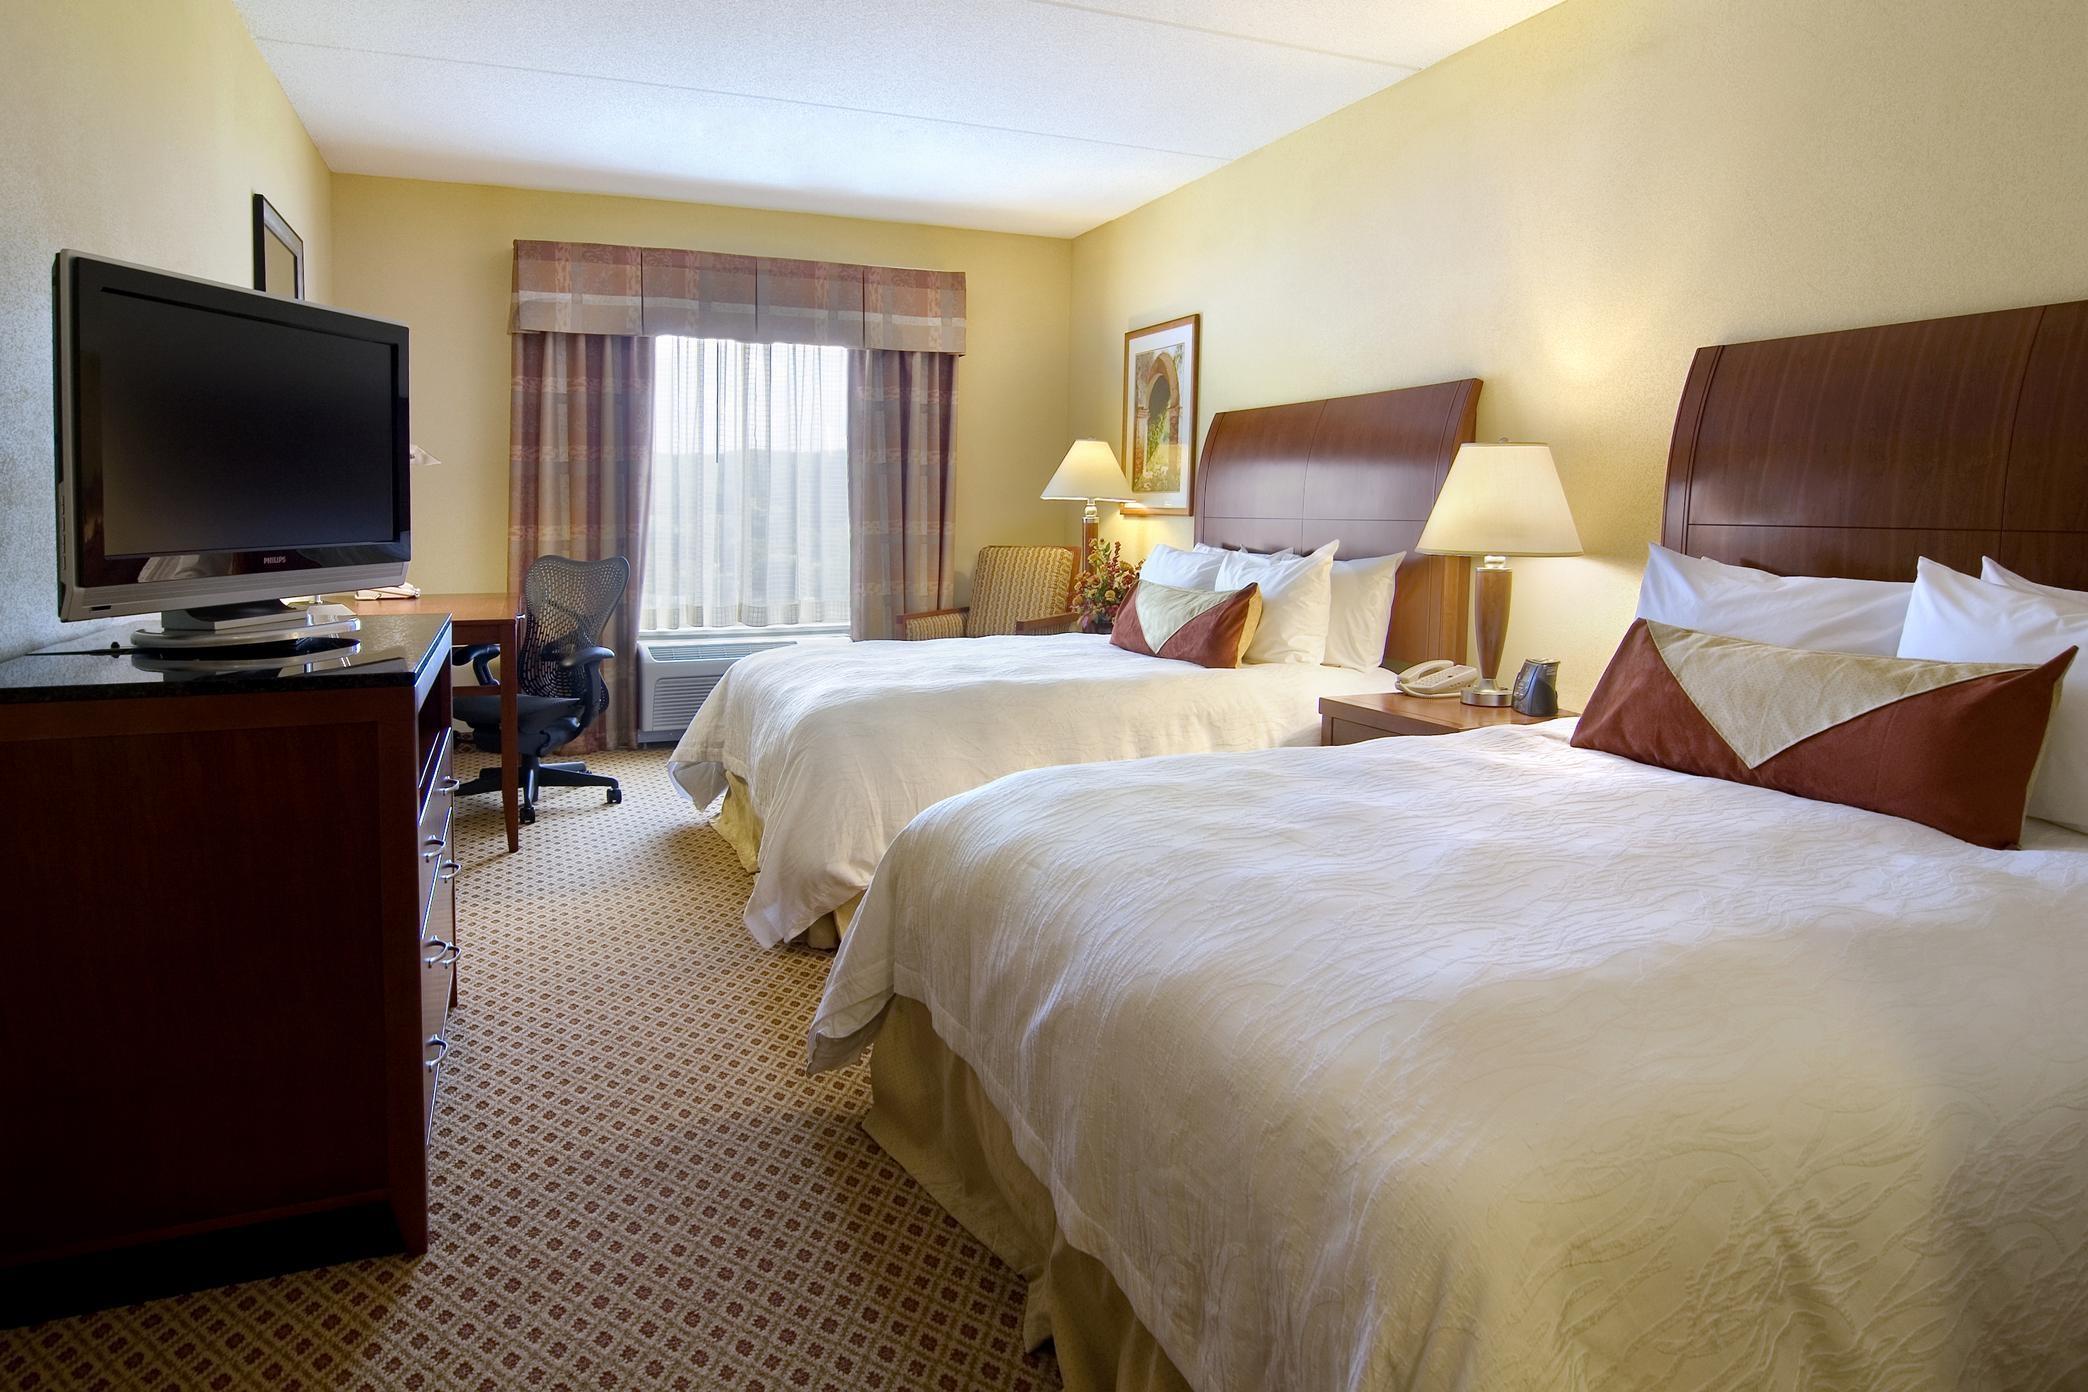 Hilton Garden Inn Clarksburg image 11